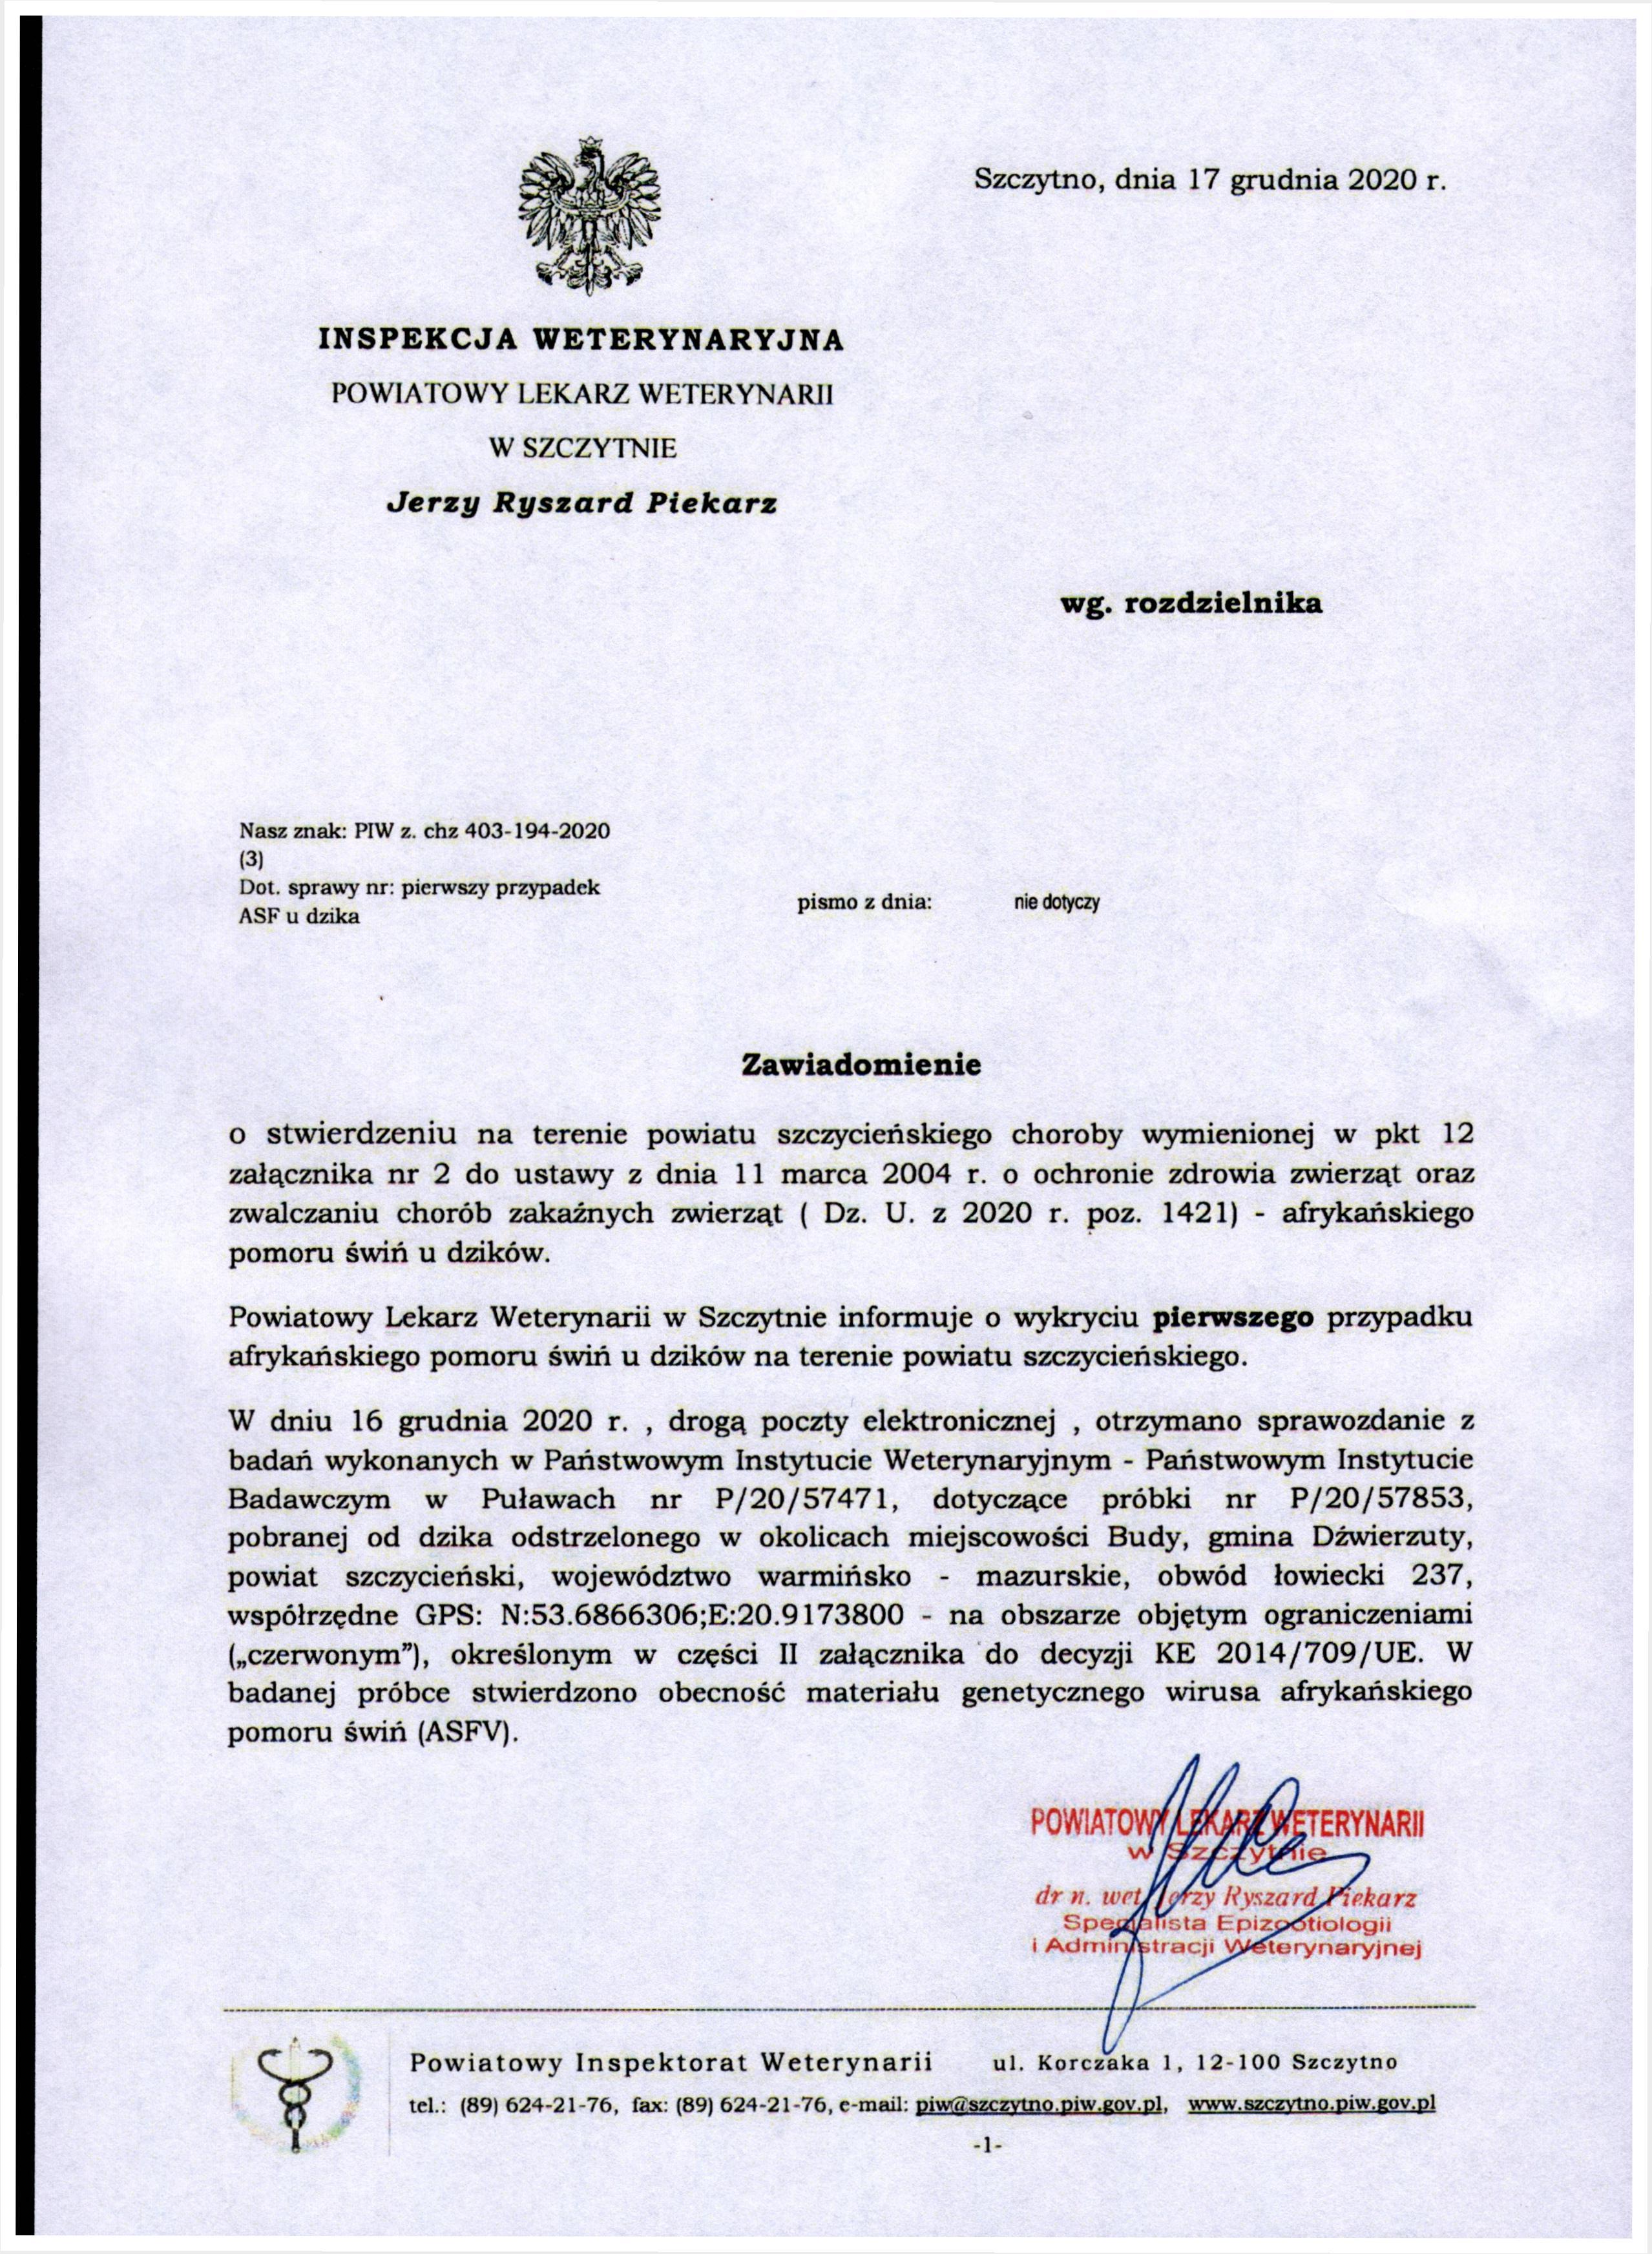 Informacja na temat pierwszego przypadku afrykańskiego pomoru świń u dzików na terenie powiatu szczycieńskiego